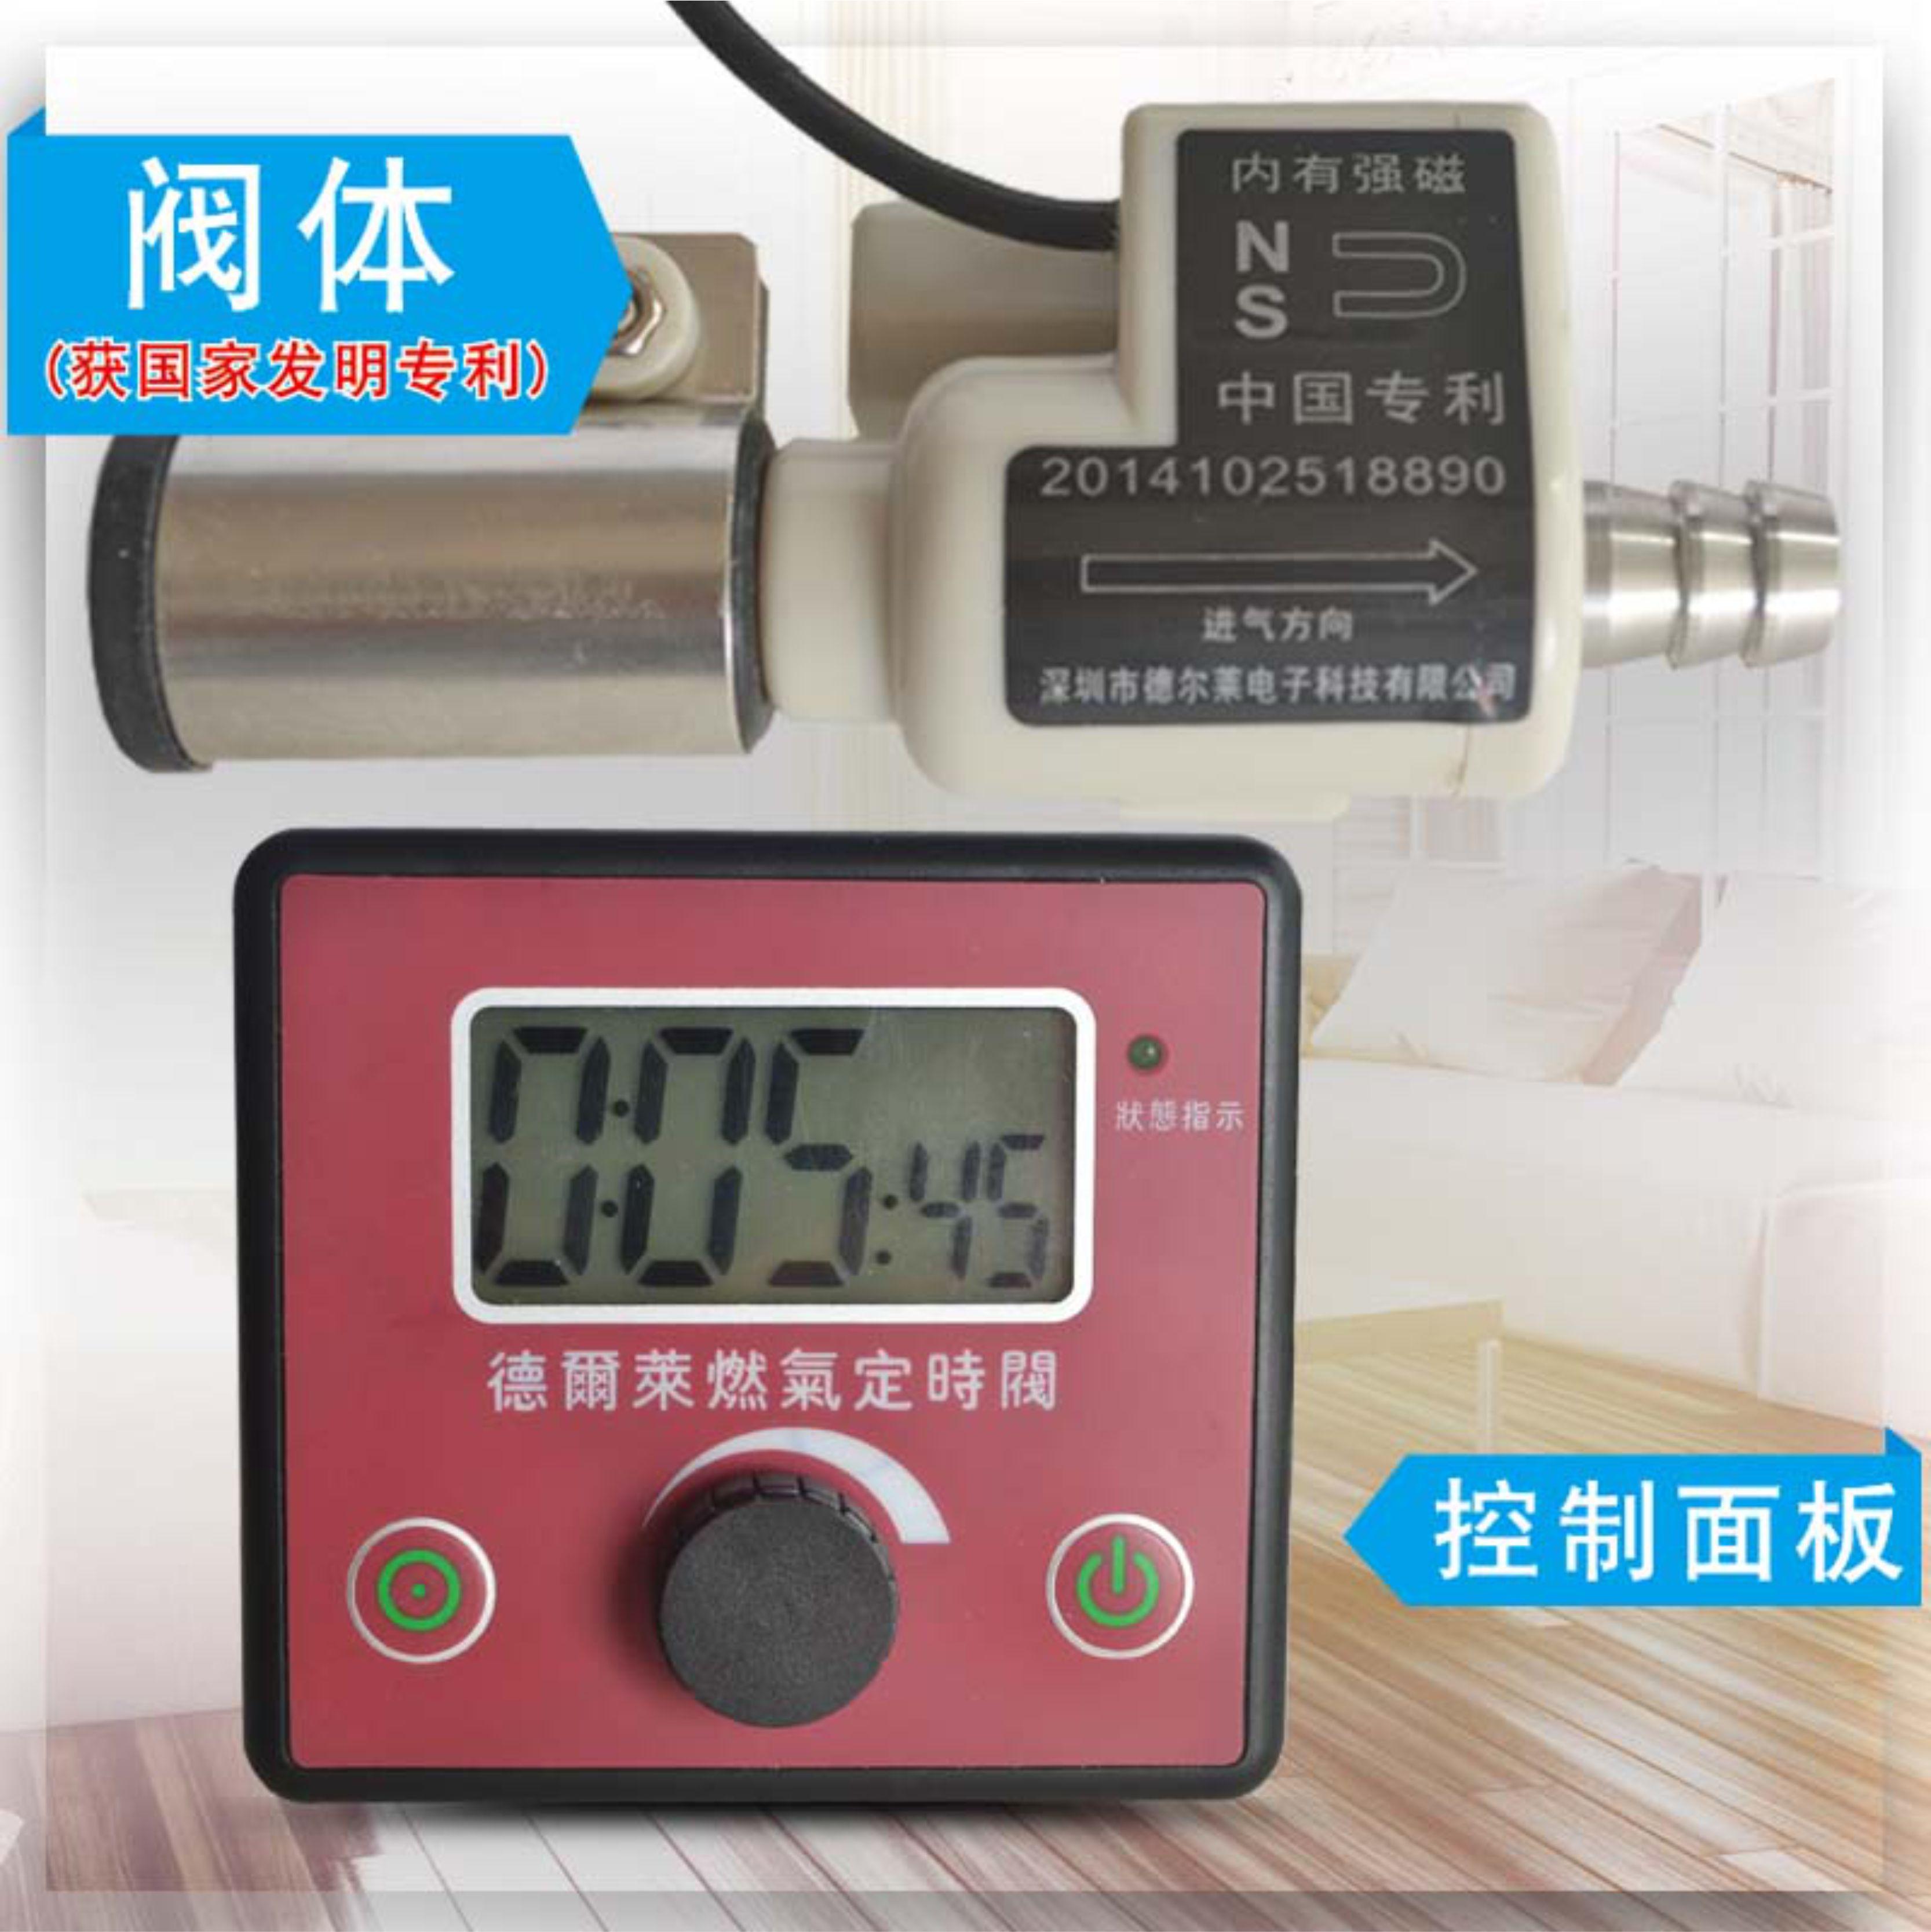 Ein ventil für das gas - tank - Pipeline timing, sicherheitsventile, gas - timer Küche